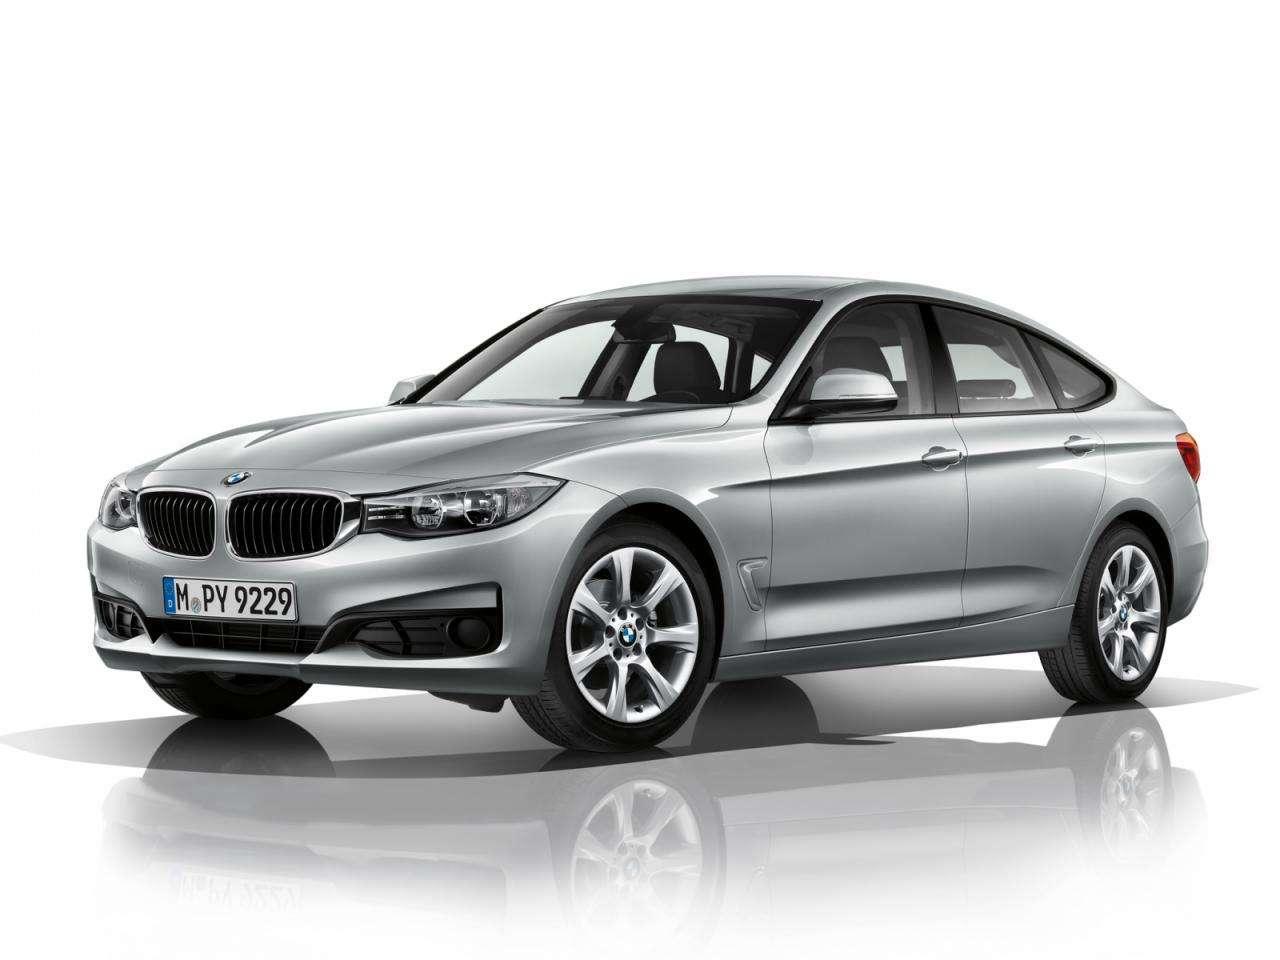 BMW serii 3 GT 2013